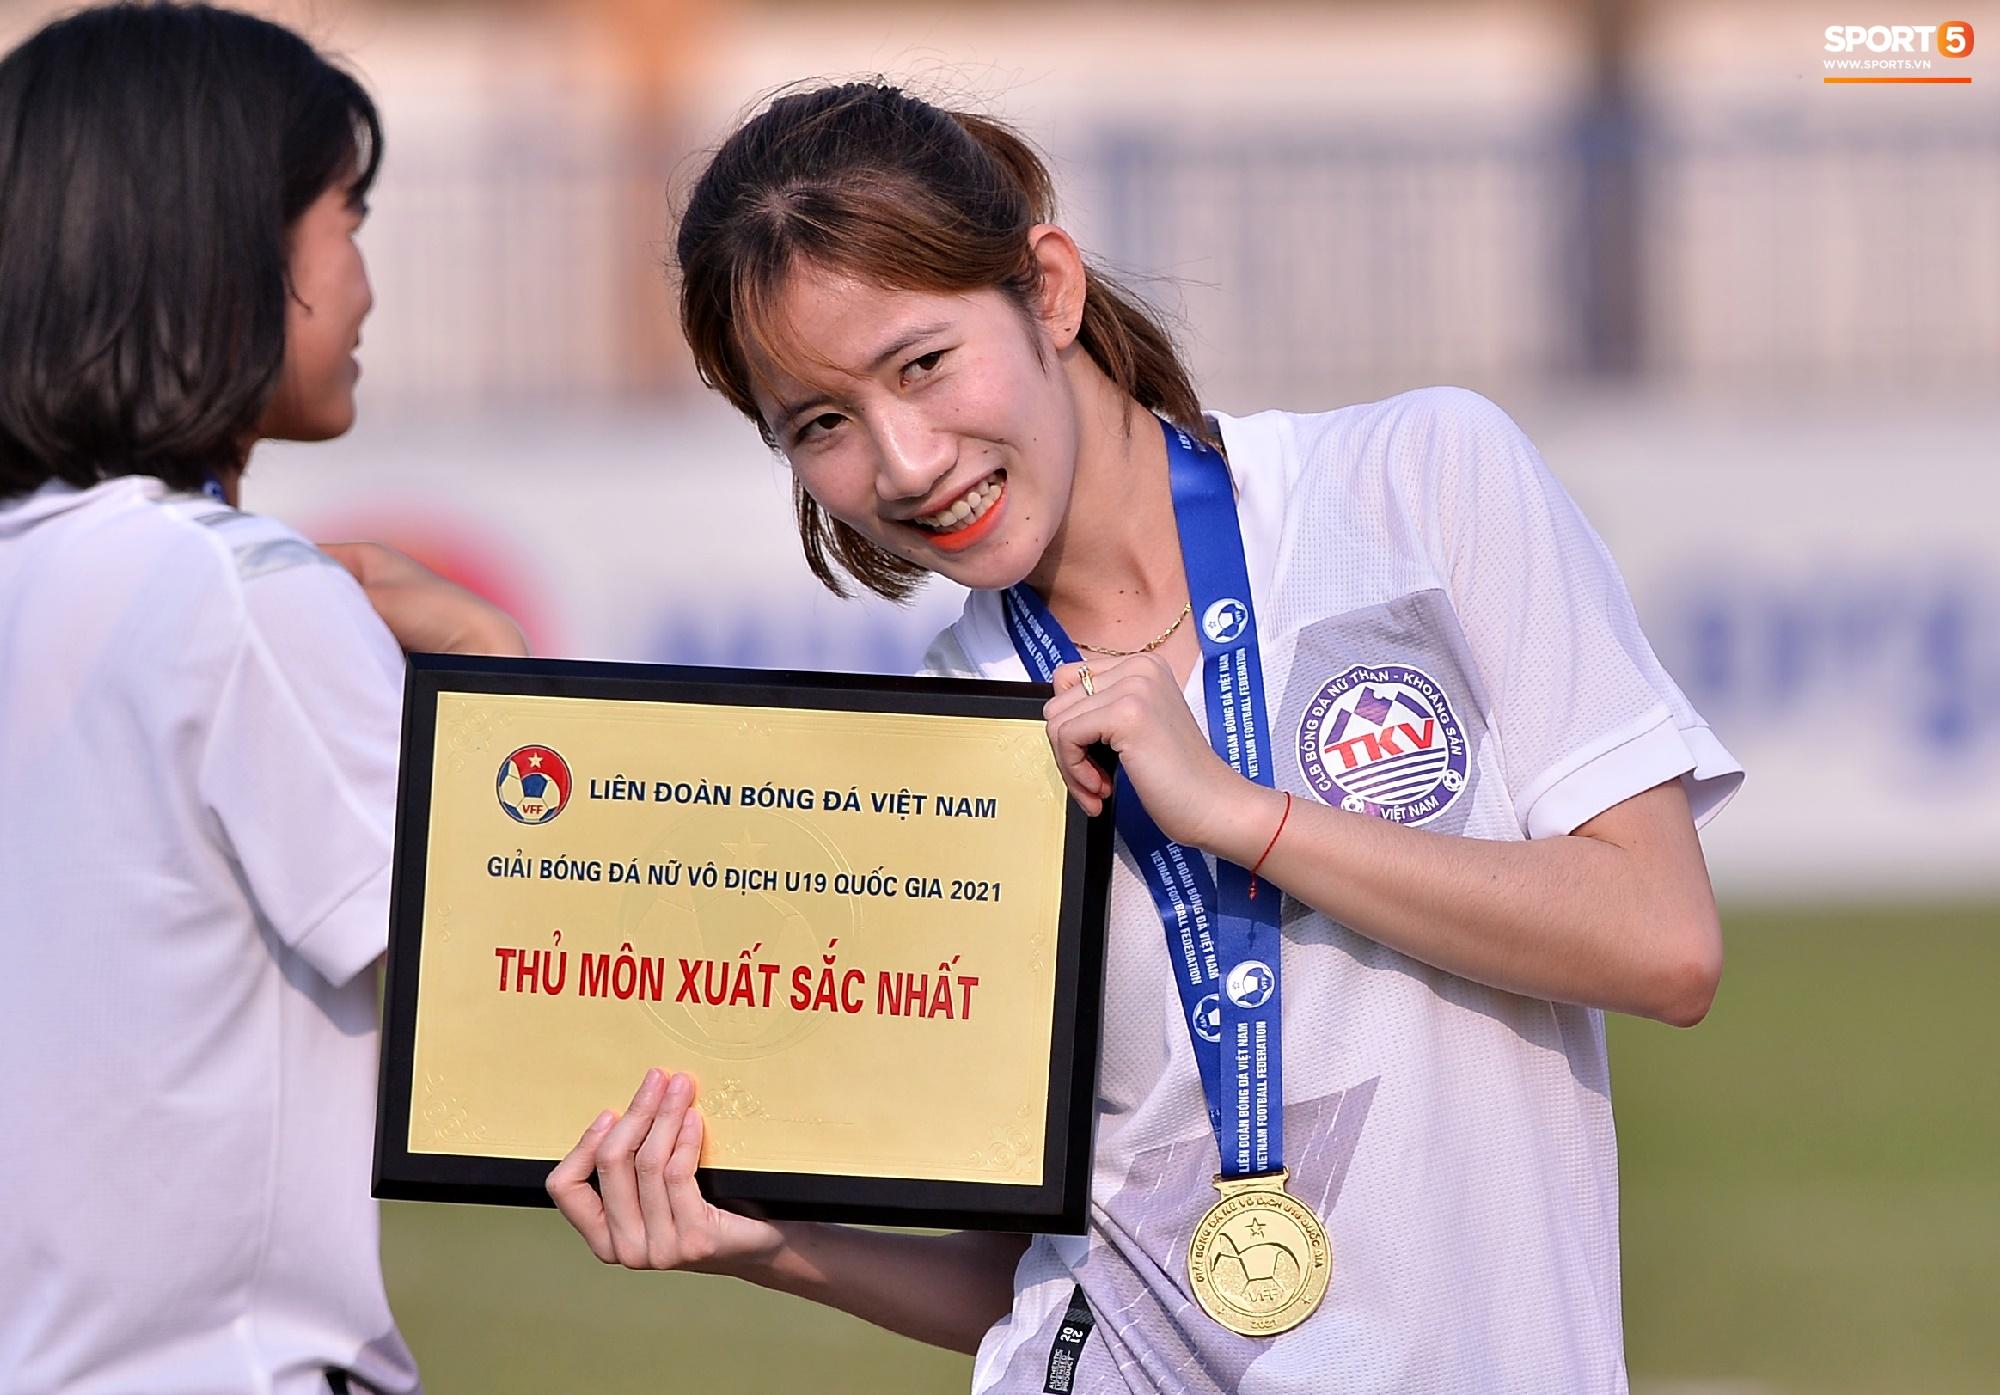 Dàn gái xinh rạng rỡ, đáng yêu trong ngày bế mạc giải bóng đá Nữ Vô địch U19 Quốc gia 2021 - ảnh 5